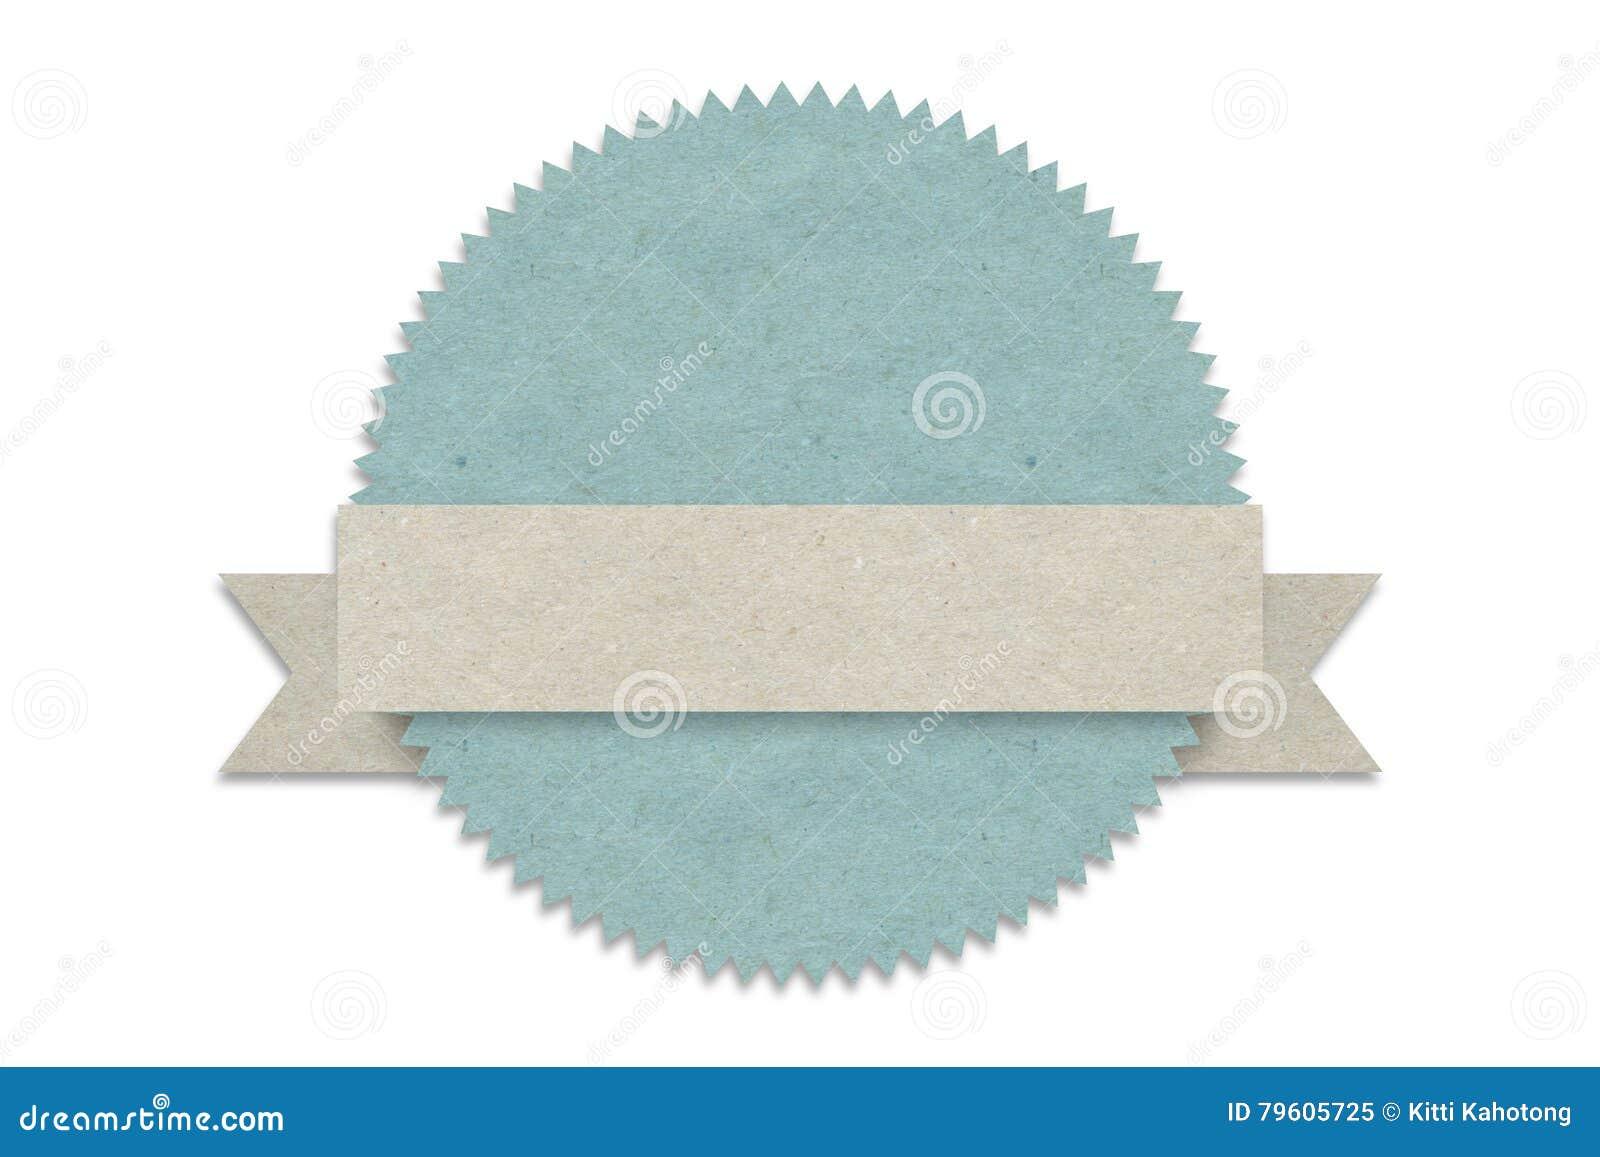 Etiqueta vazia do emblema, projeto de papel para a Web, etiquetas, etiquetas